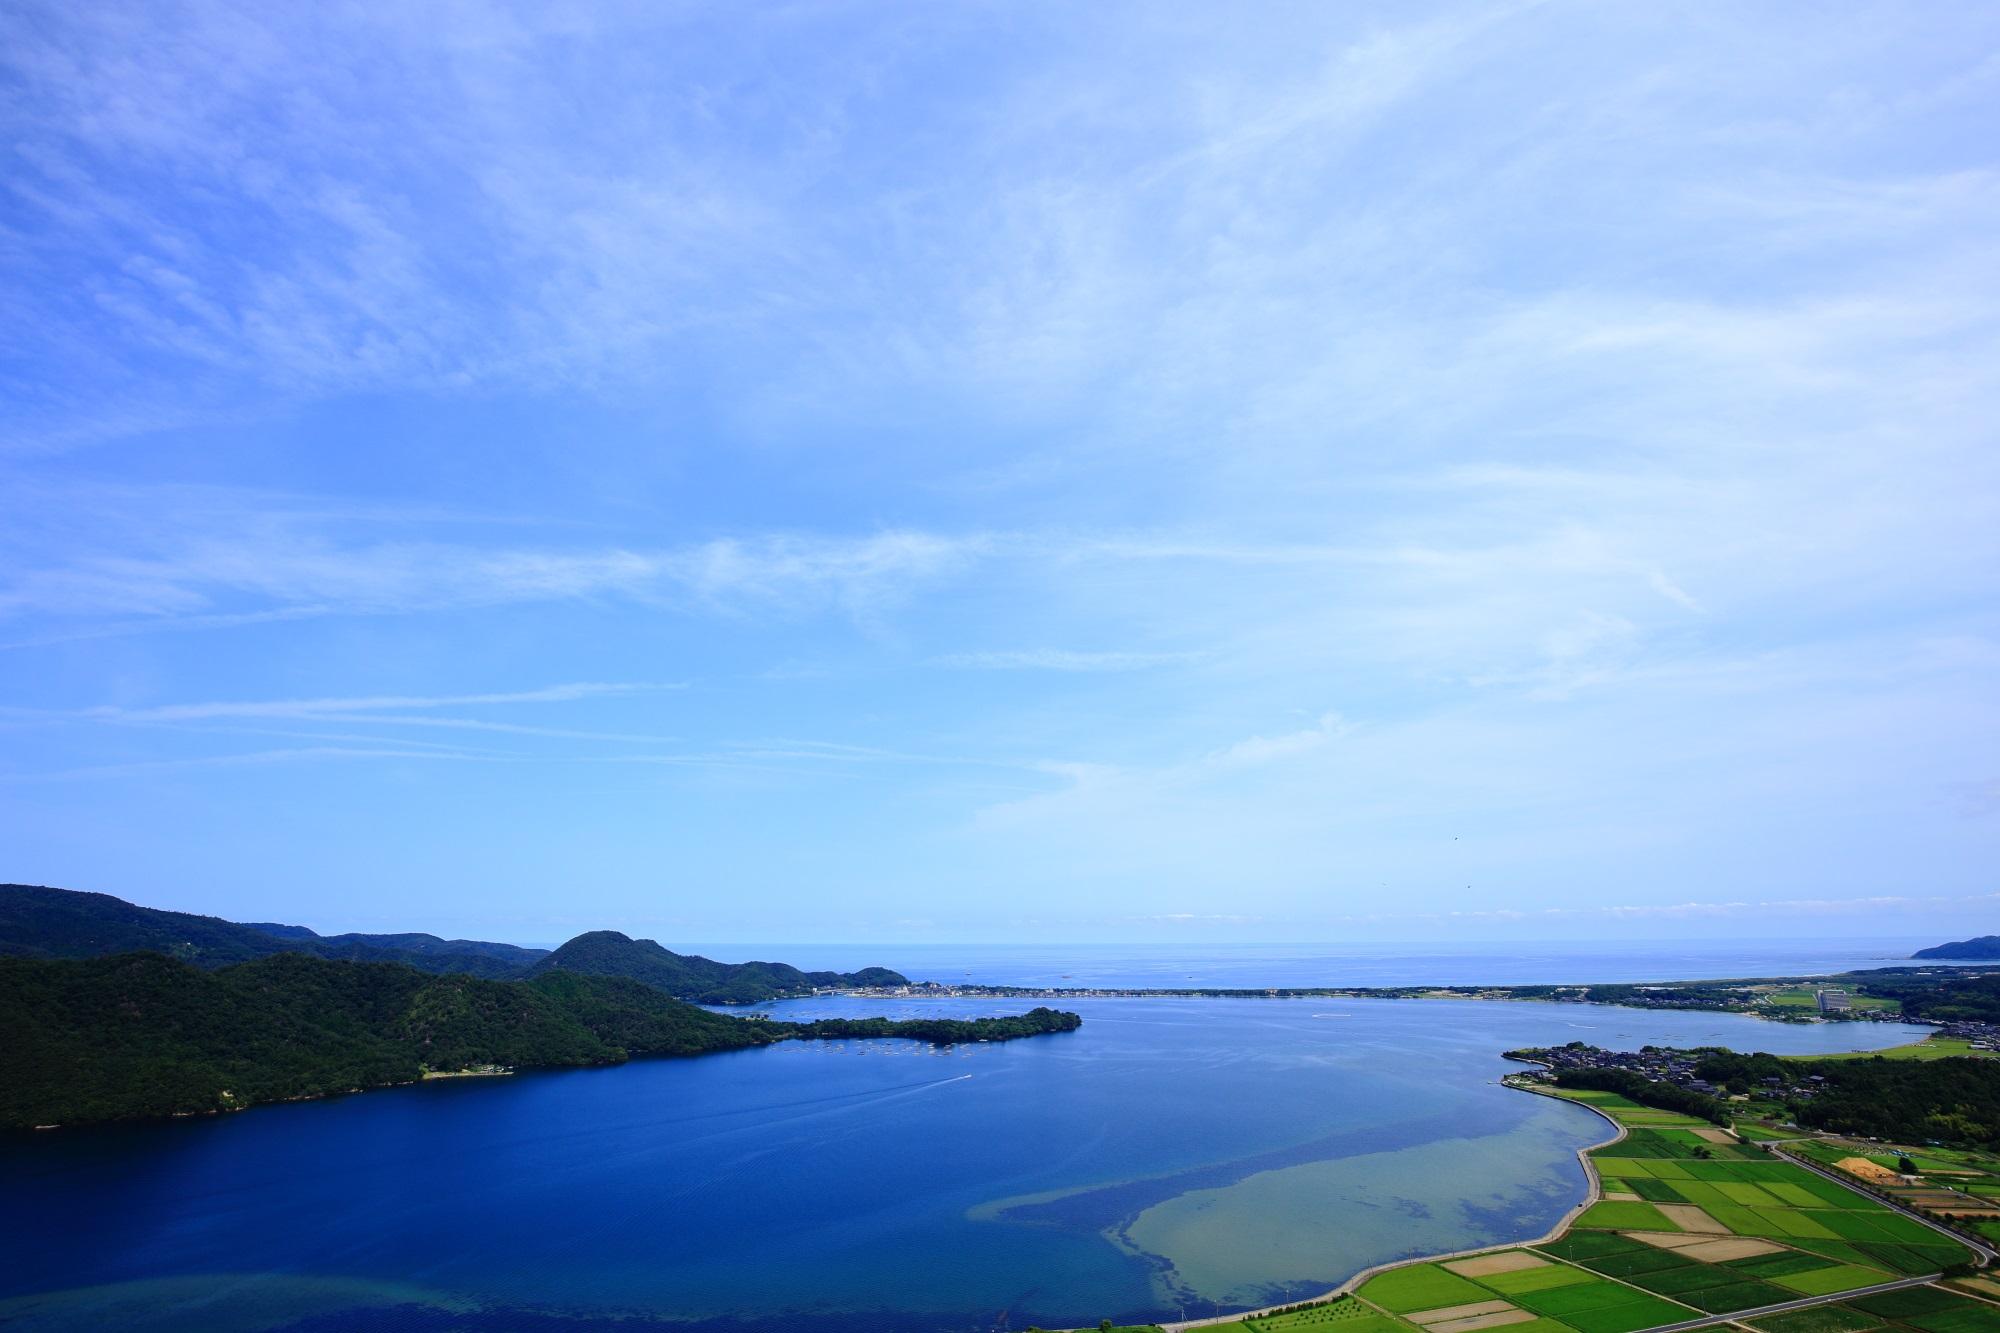 久美浜湾や日本海の素晴らしい景色や田園などの情景